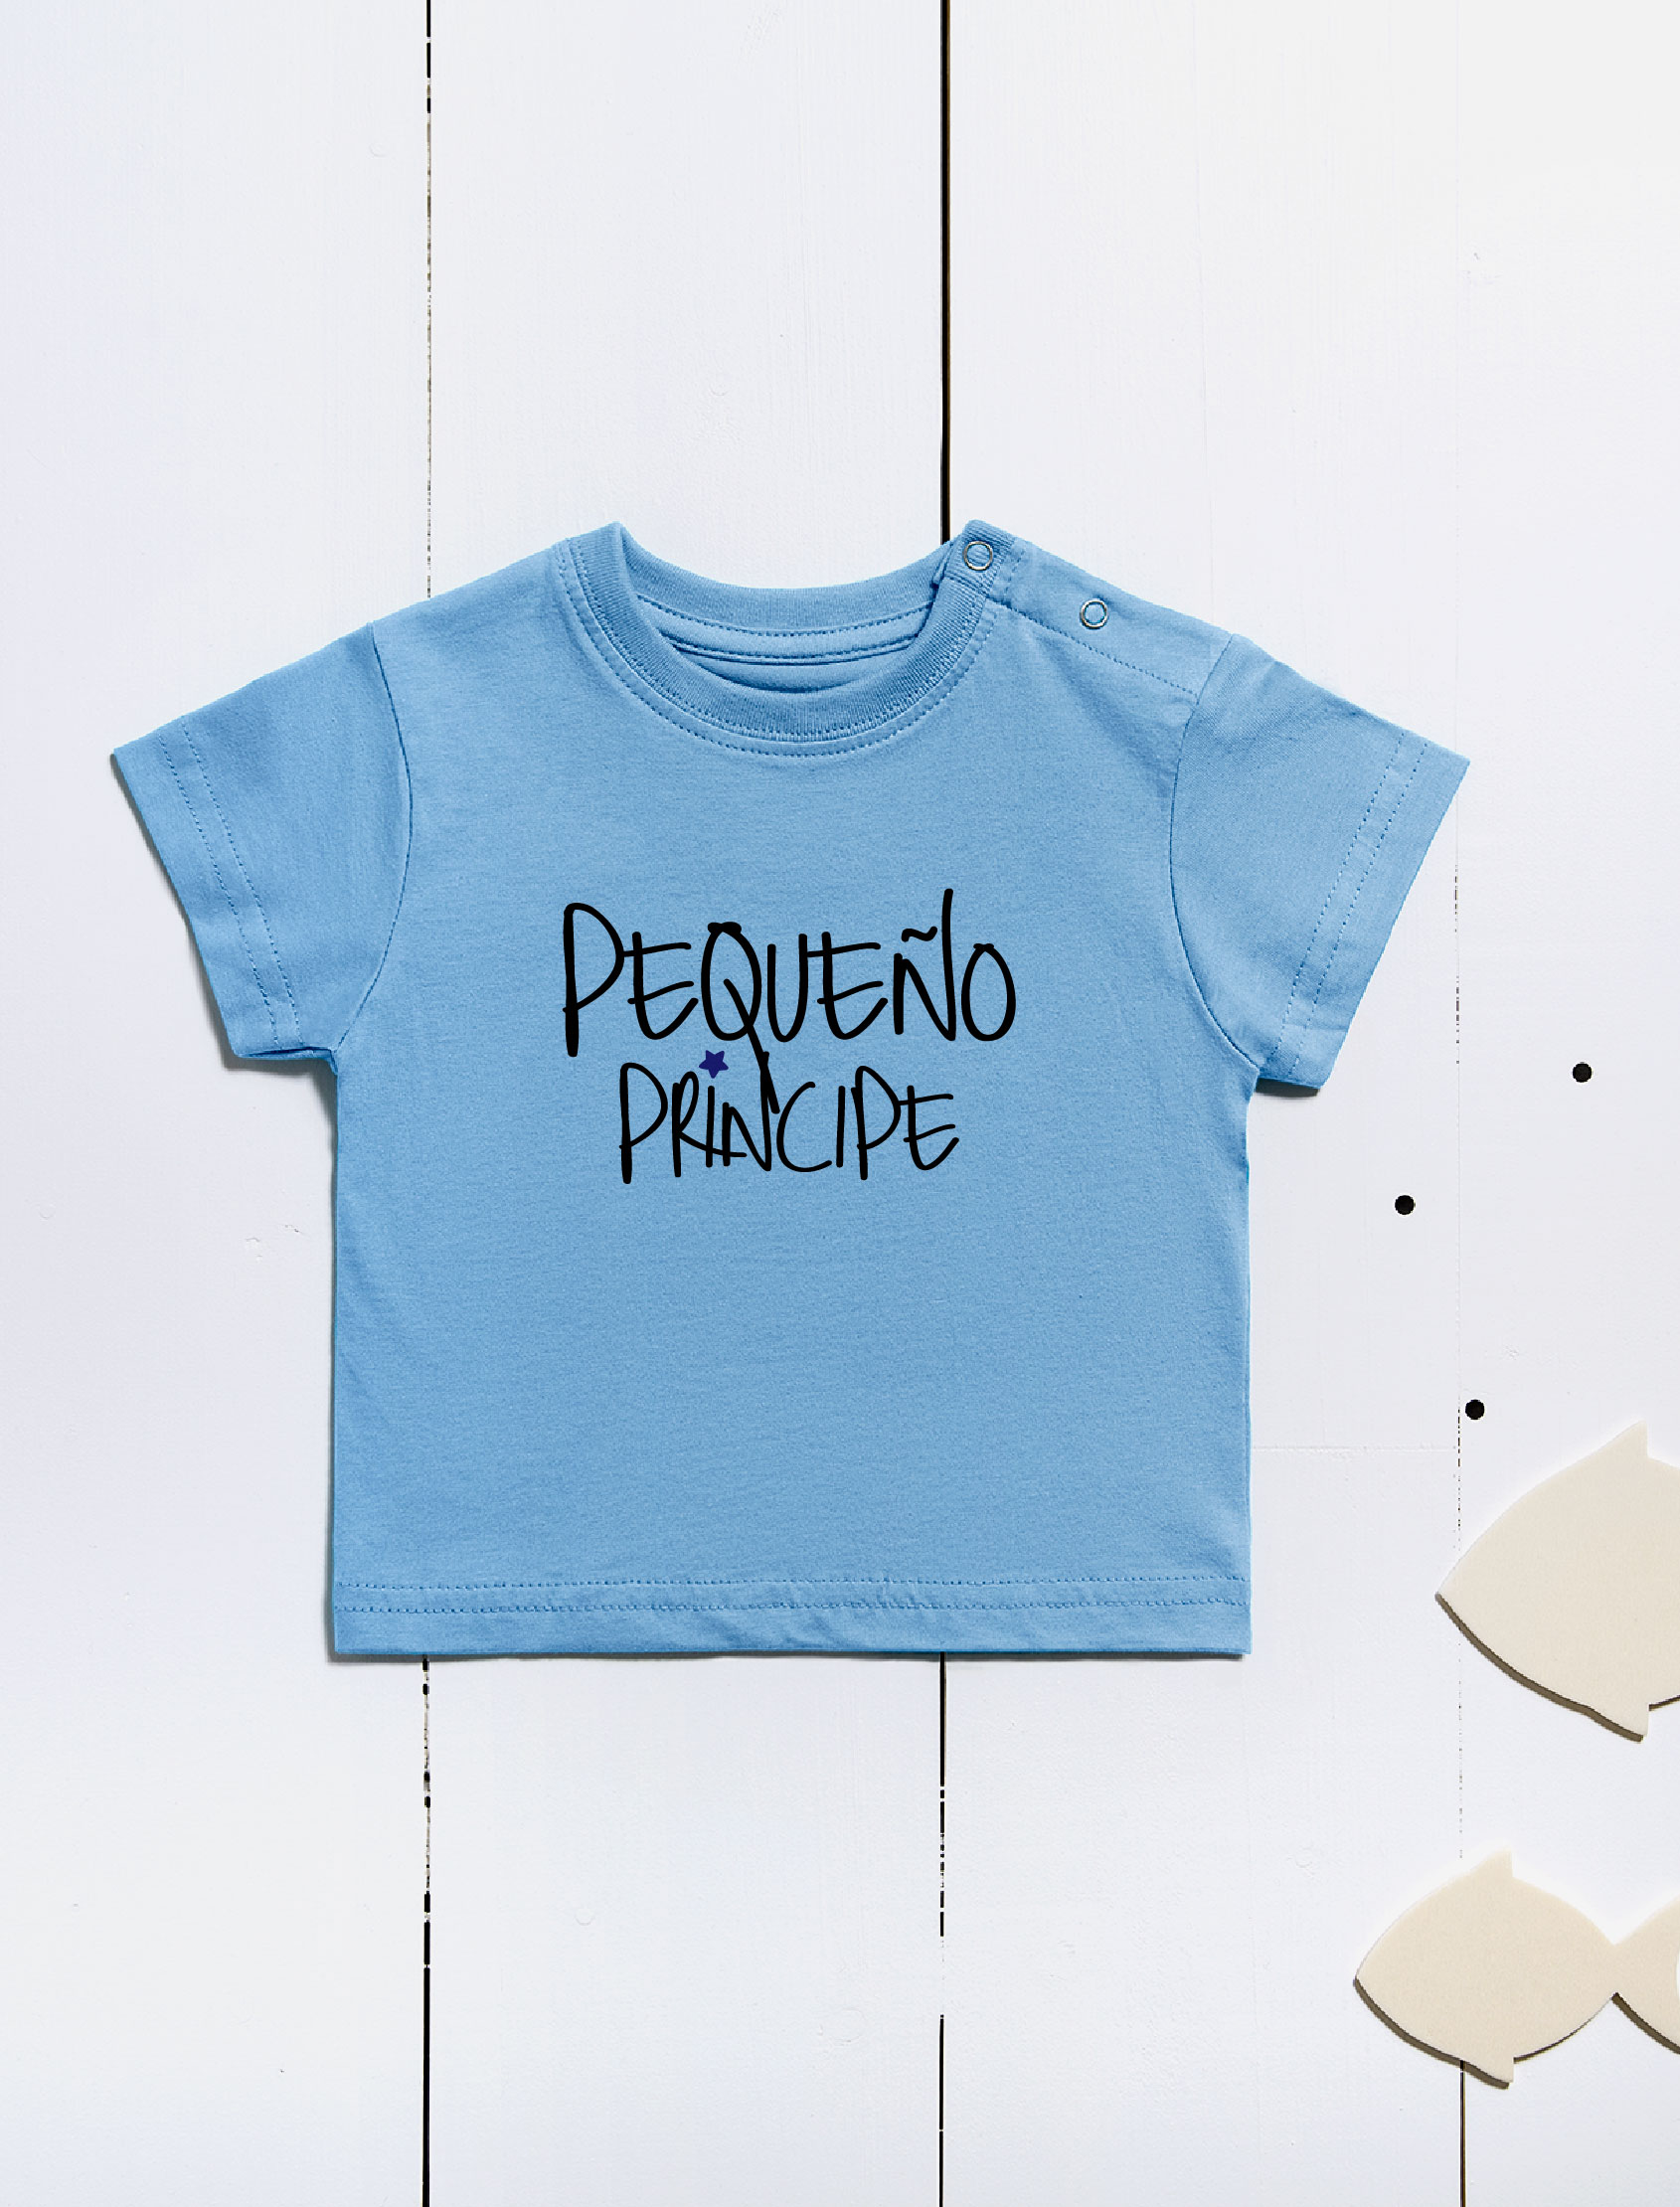 camiseta infantil de manga corta con mensaje pequeño principe en color azul